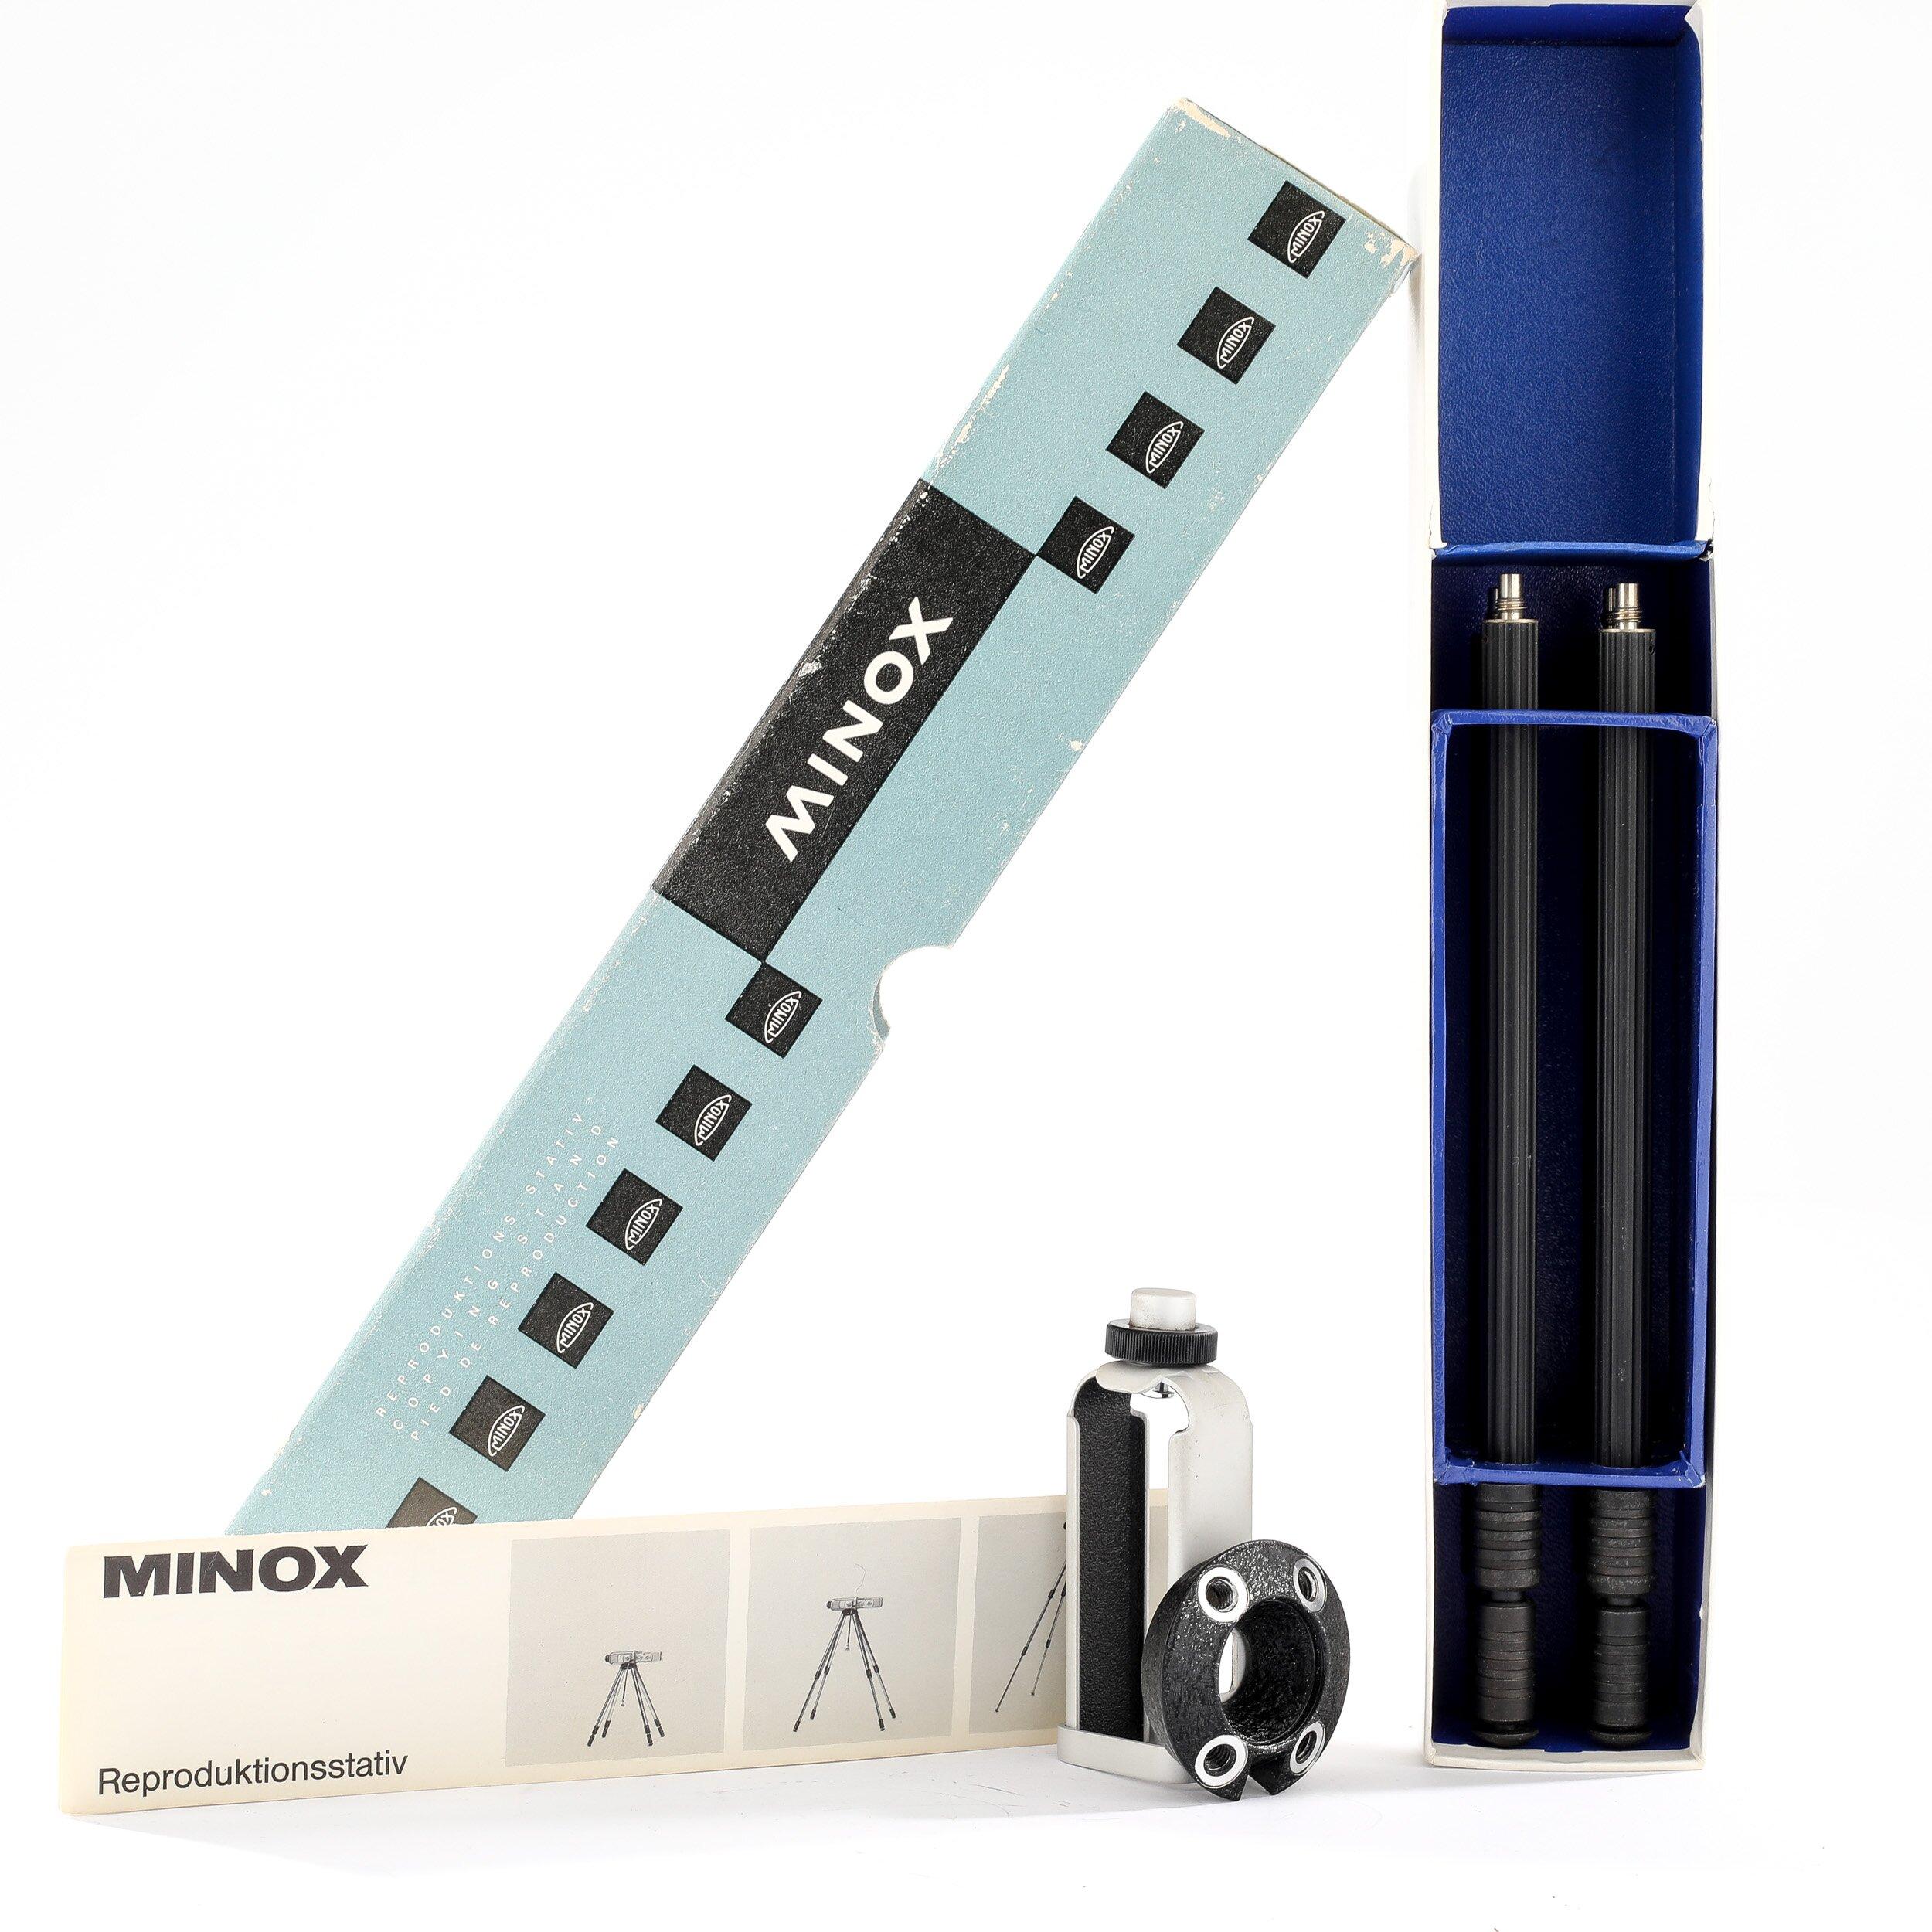 Minox Reproduktionsstativ